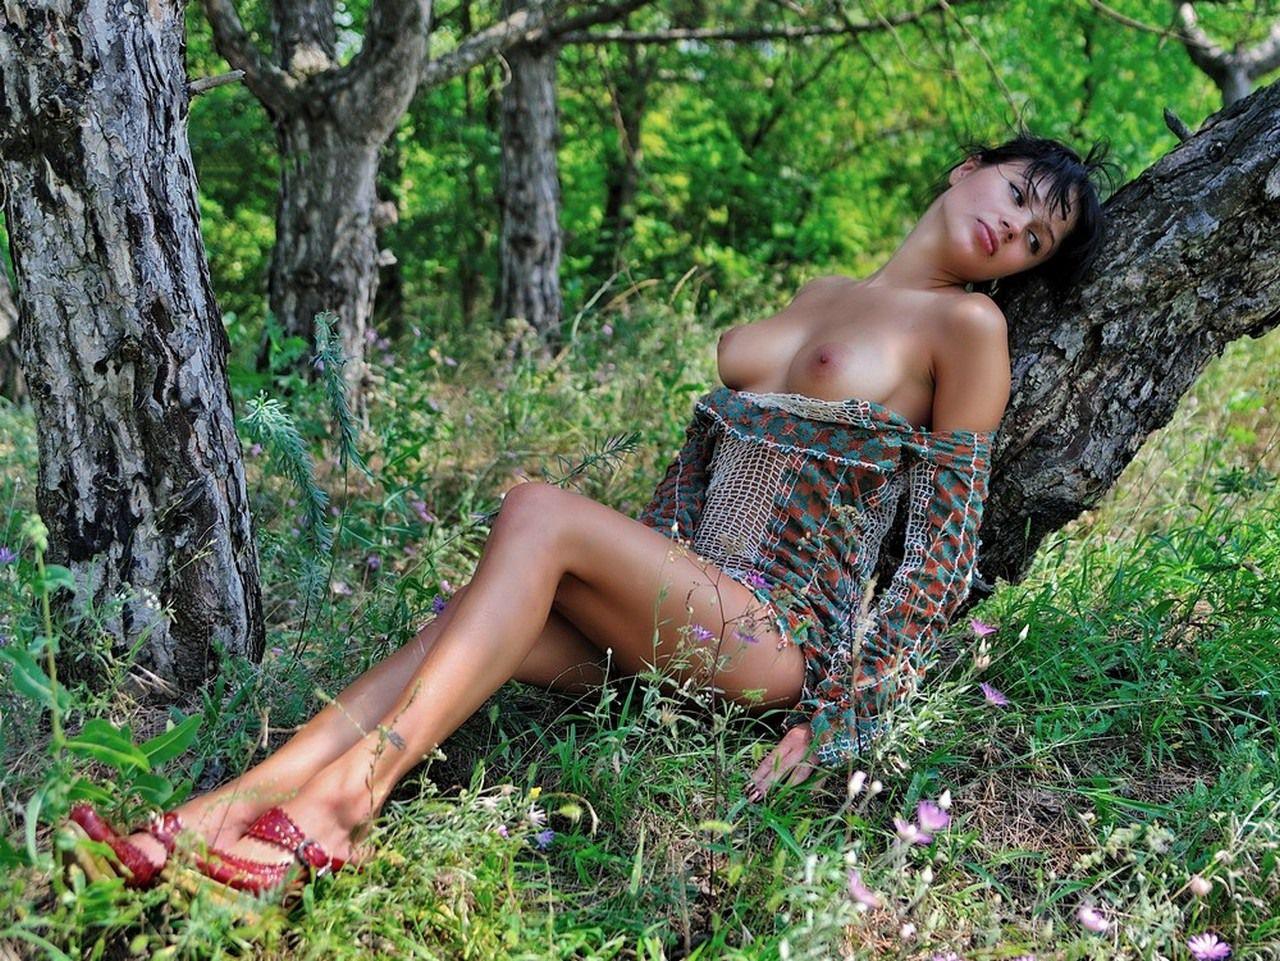 Узбечка в лесу мастербирует 21 фотография